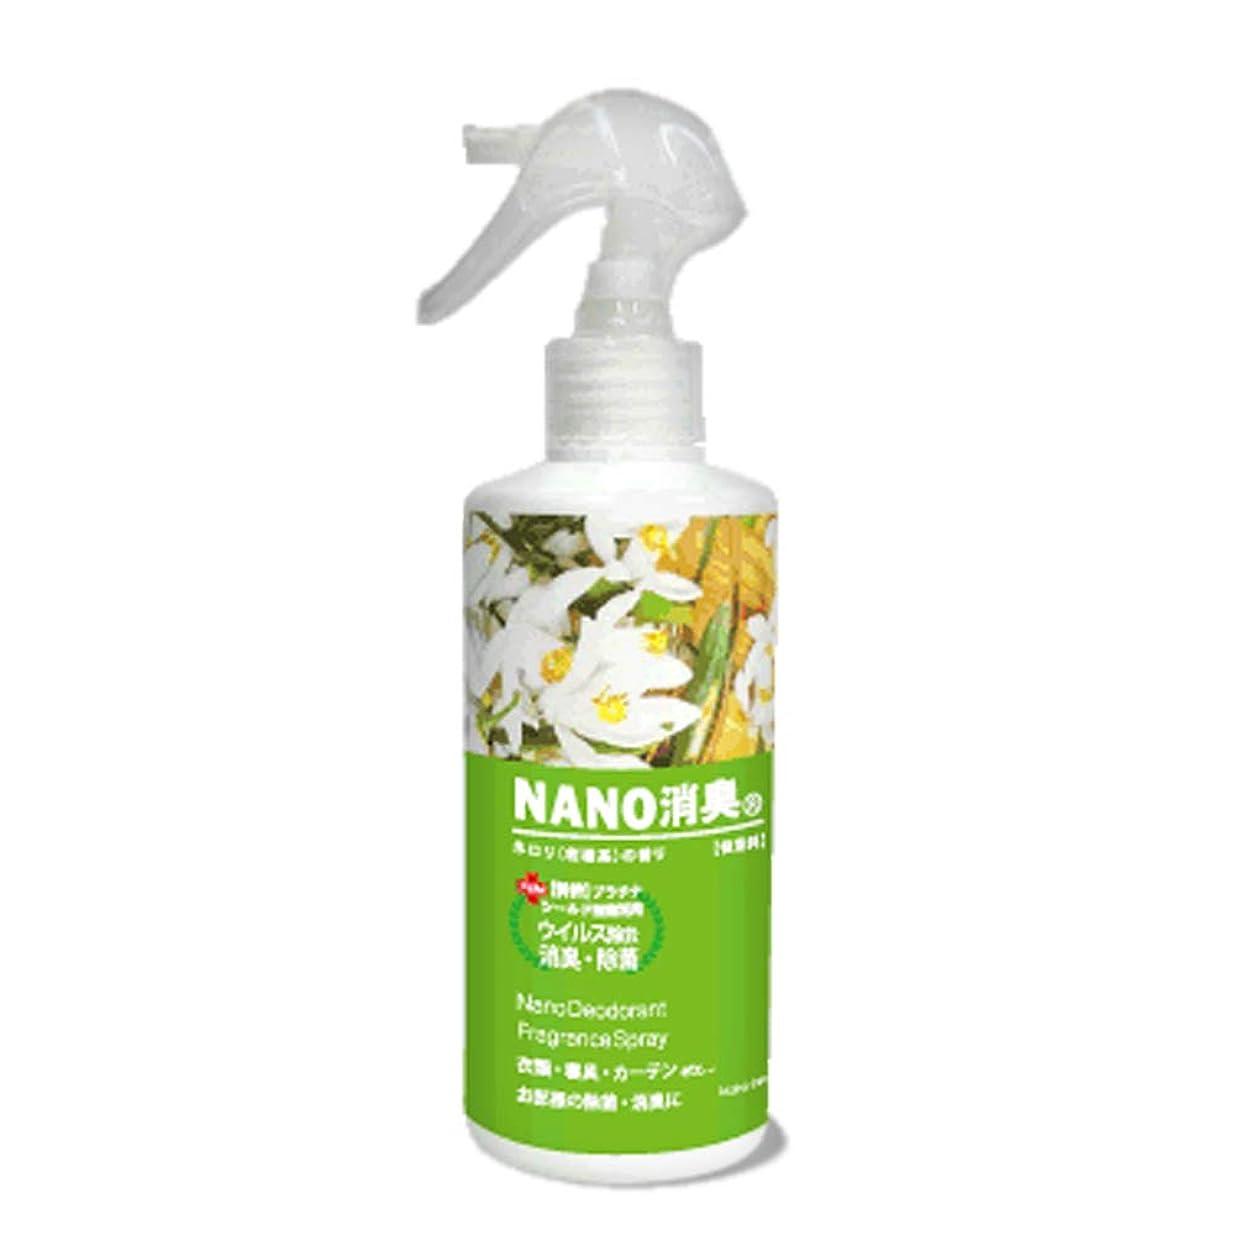 こどもセンター作家鳴り響くNANO消臭 スプレー マスク スプレー トイレ 消臭剤 芳香剤 (ネロリ)